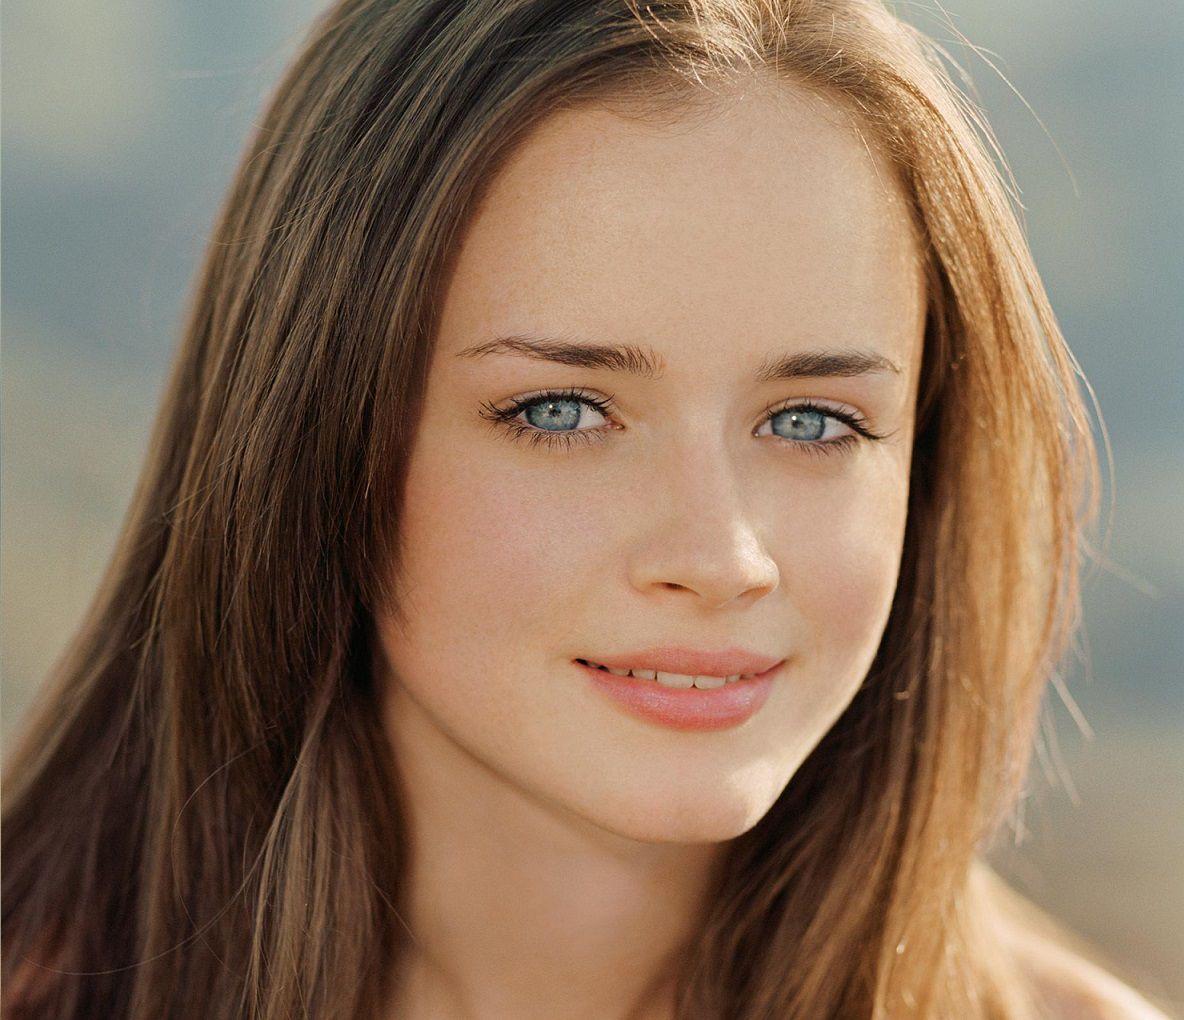 mỹ nhân với đôi mắt xanh như ngọc